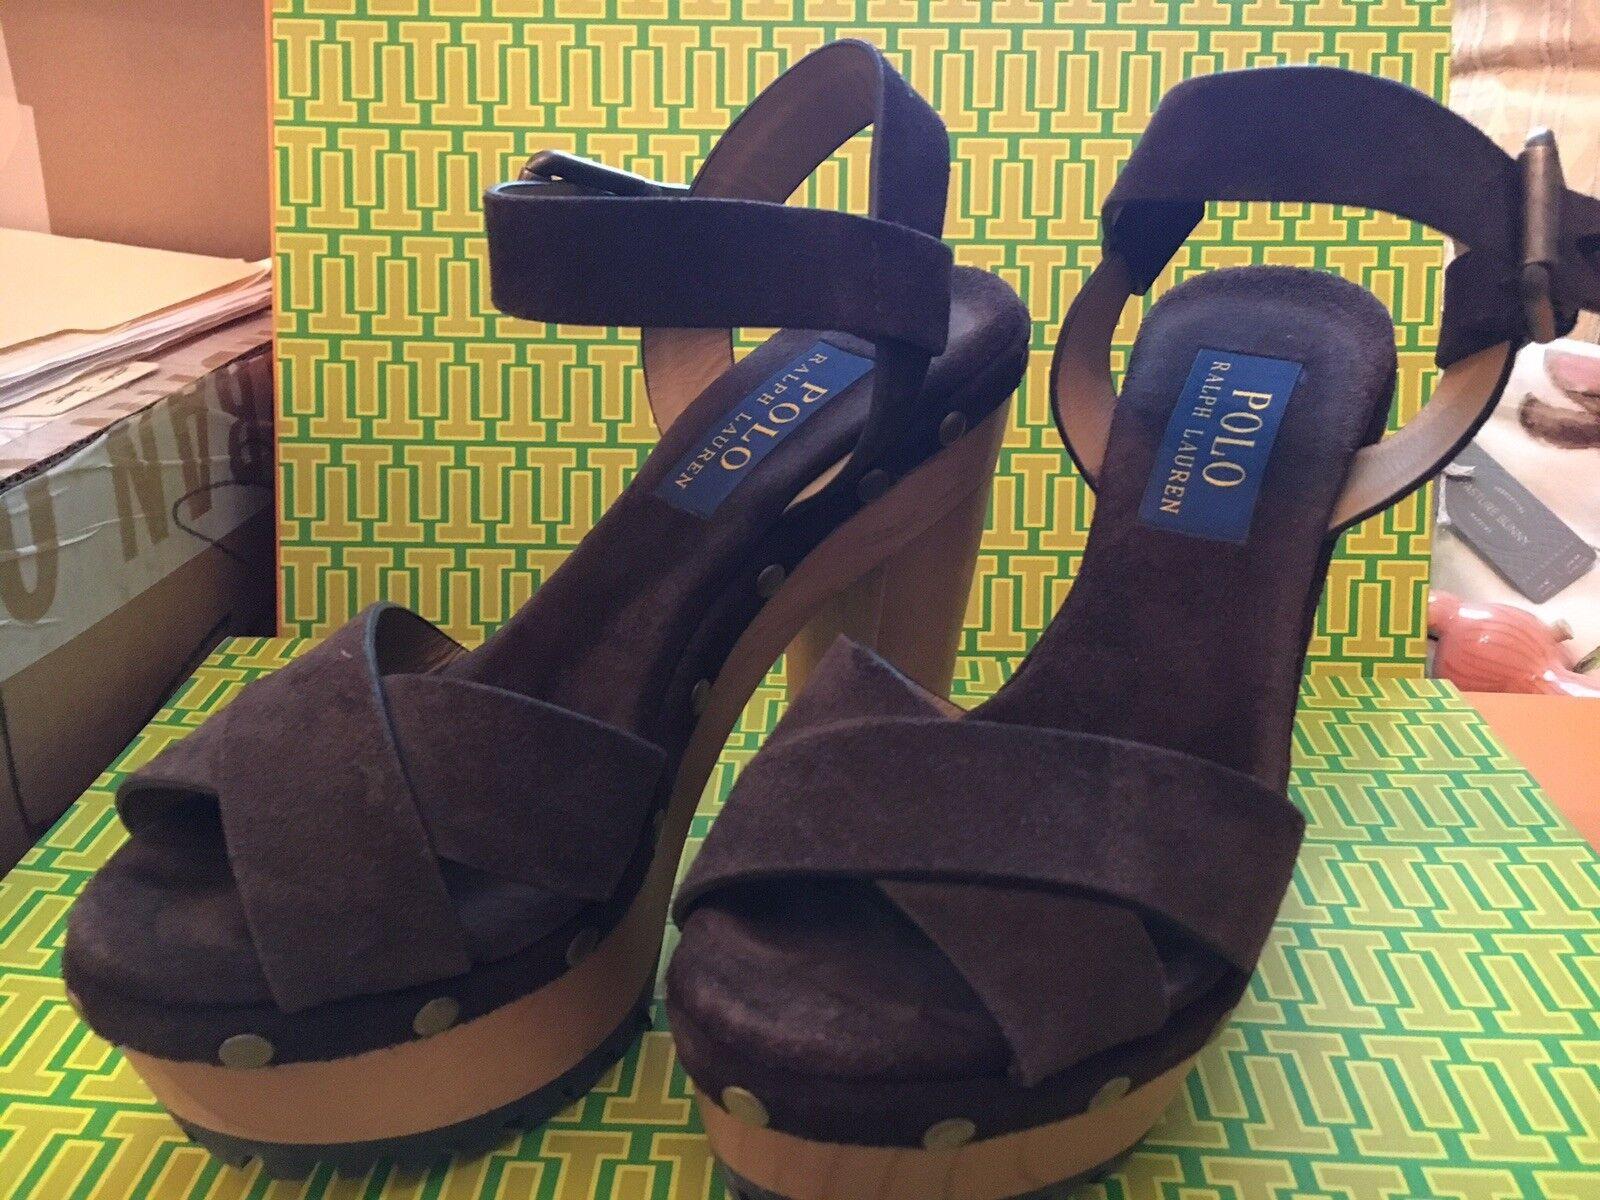 autentico online POLO Ralph Lauren LACEY Suede Sandals Donna Donna Donna (35.5)  CHOCOLATE Marrone-STUDS  con il prezzo economico per ottenere la migliore marca